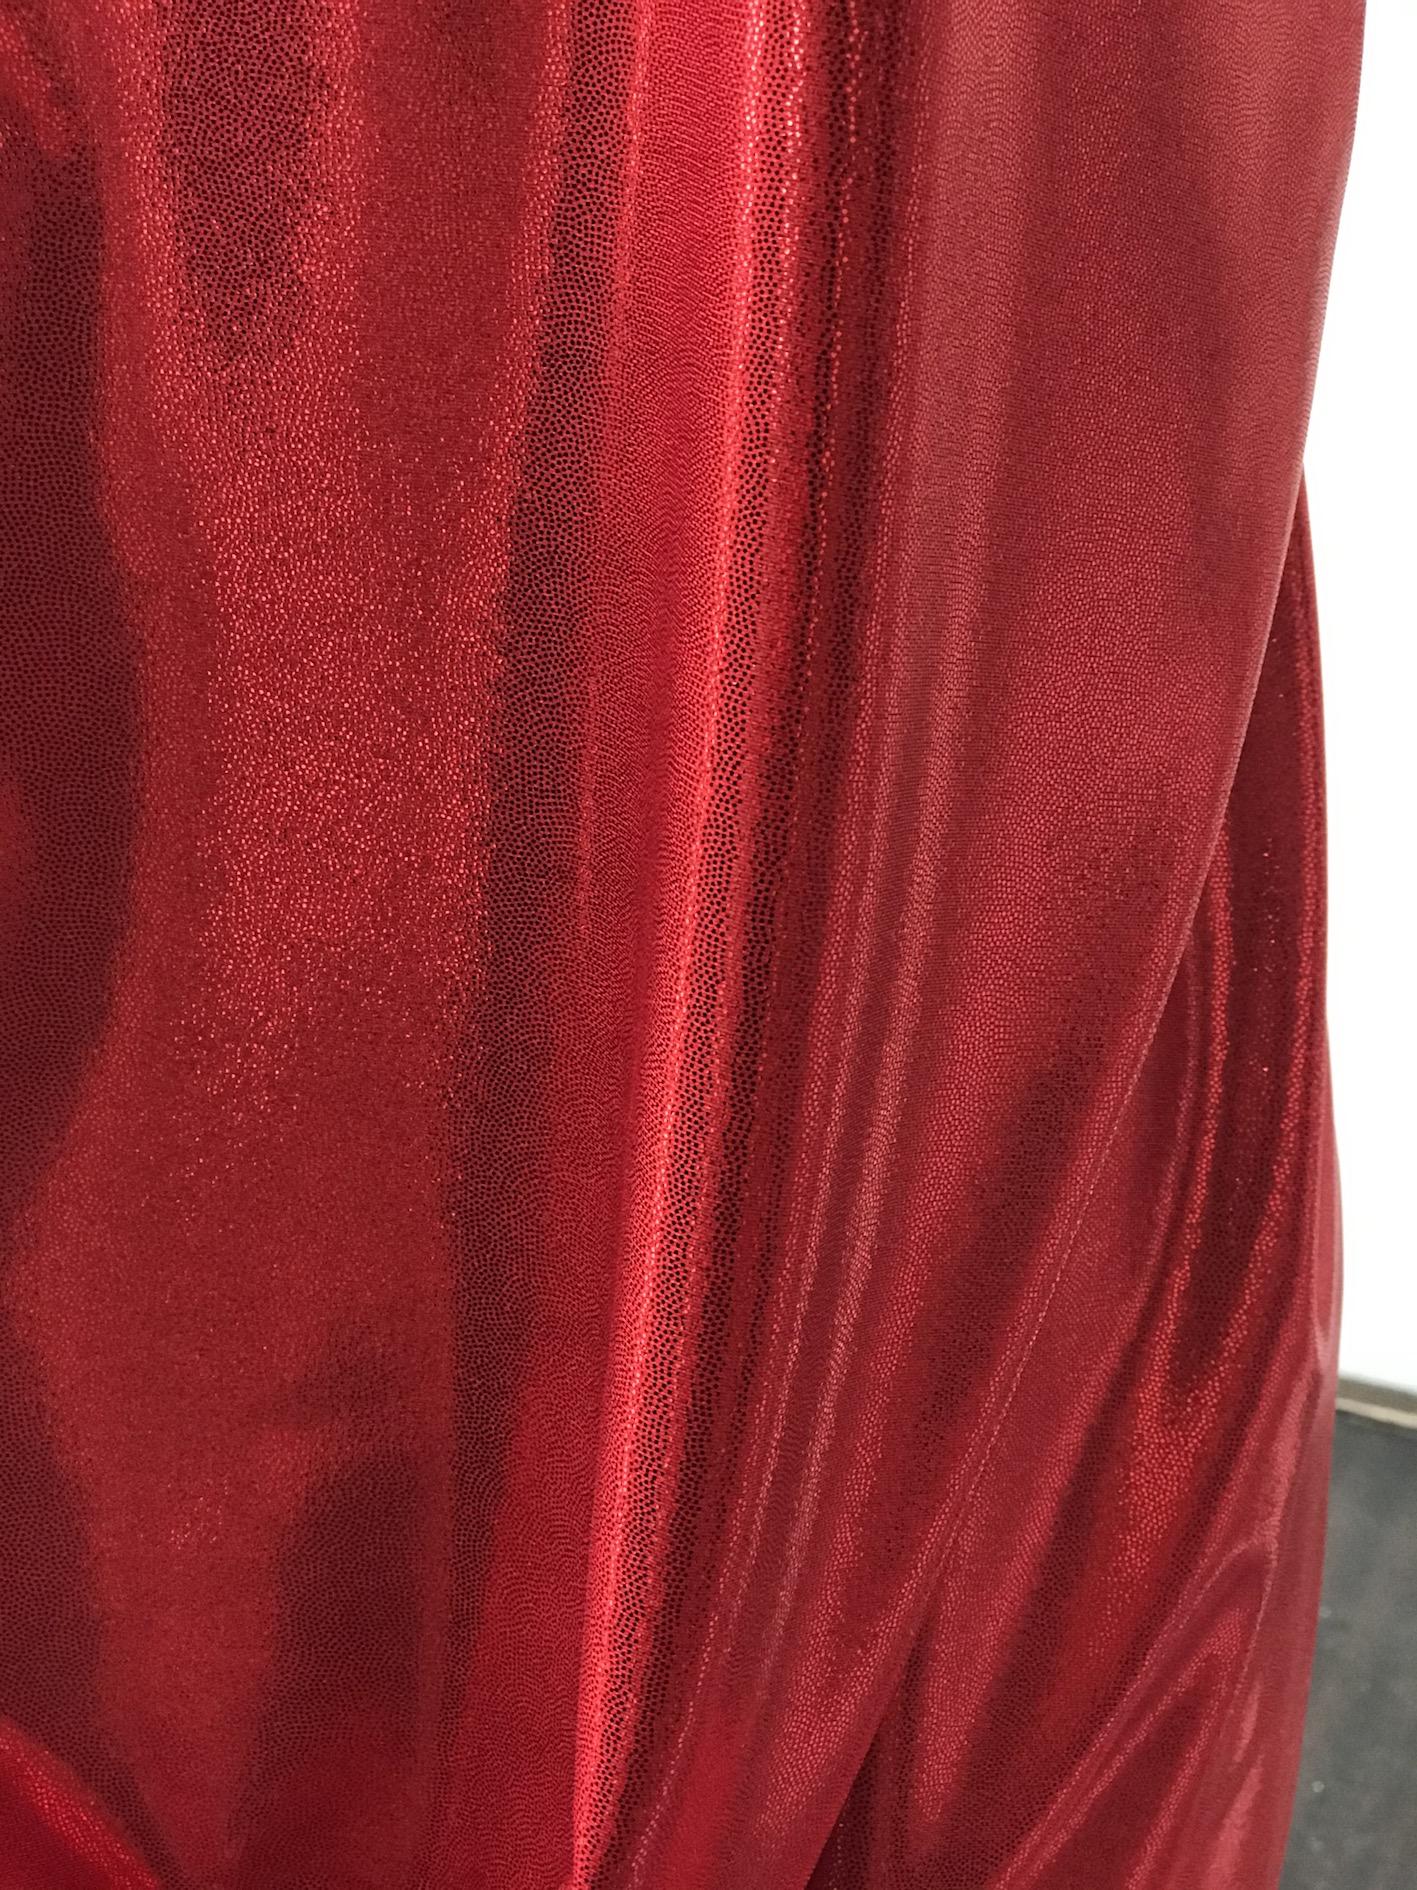 red metallic dot shine lycra